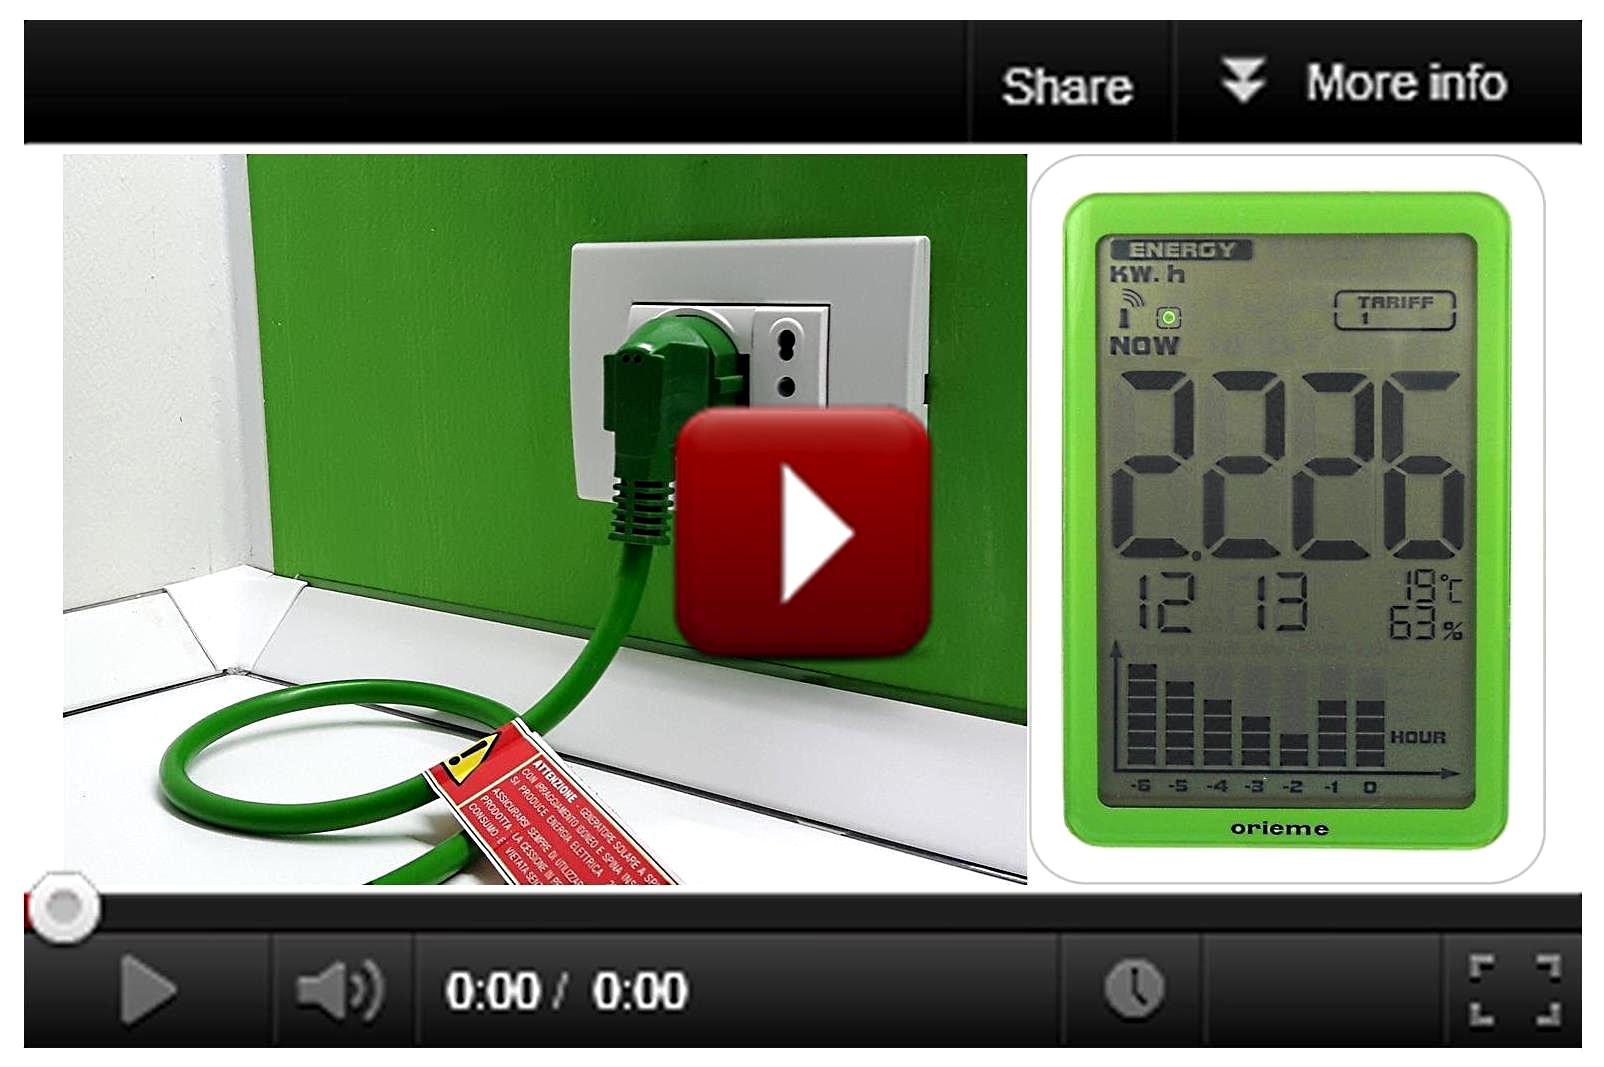 Icona Video One Way Pug & Play